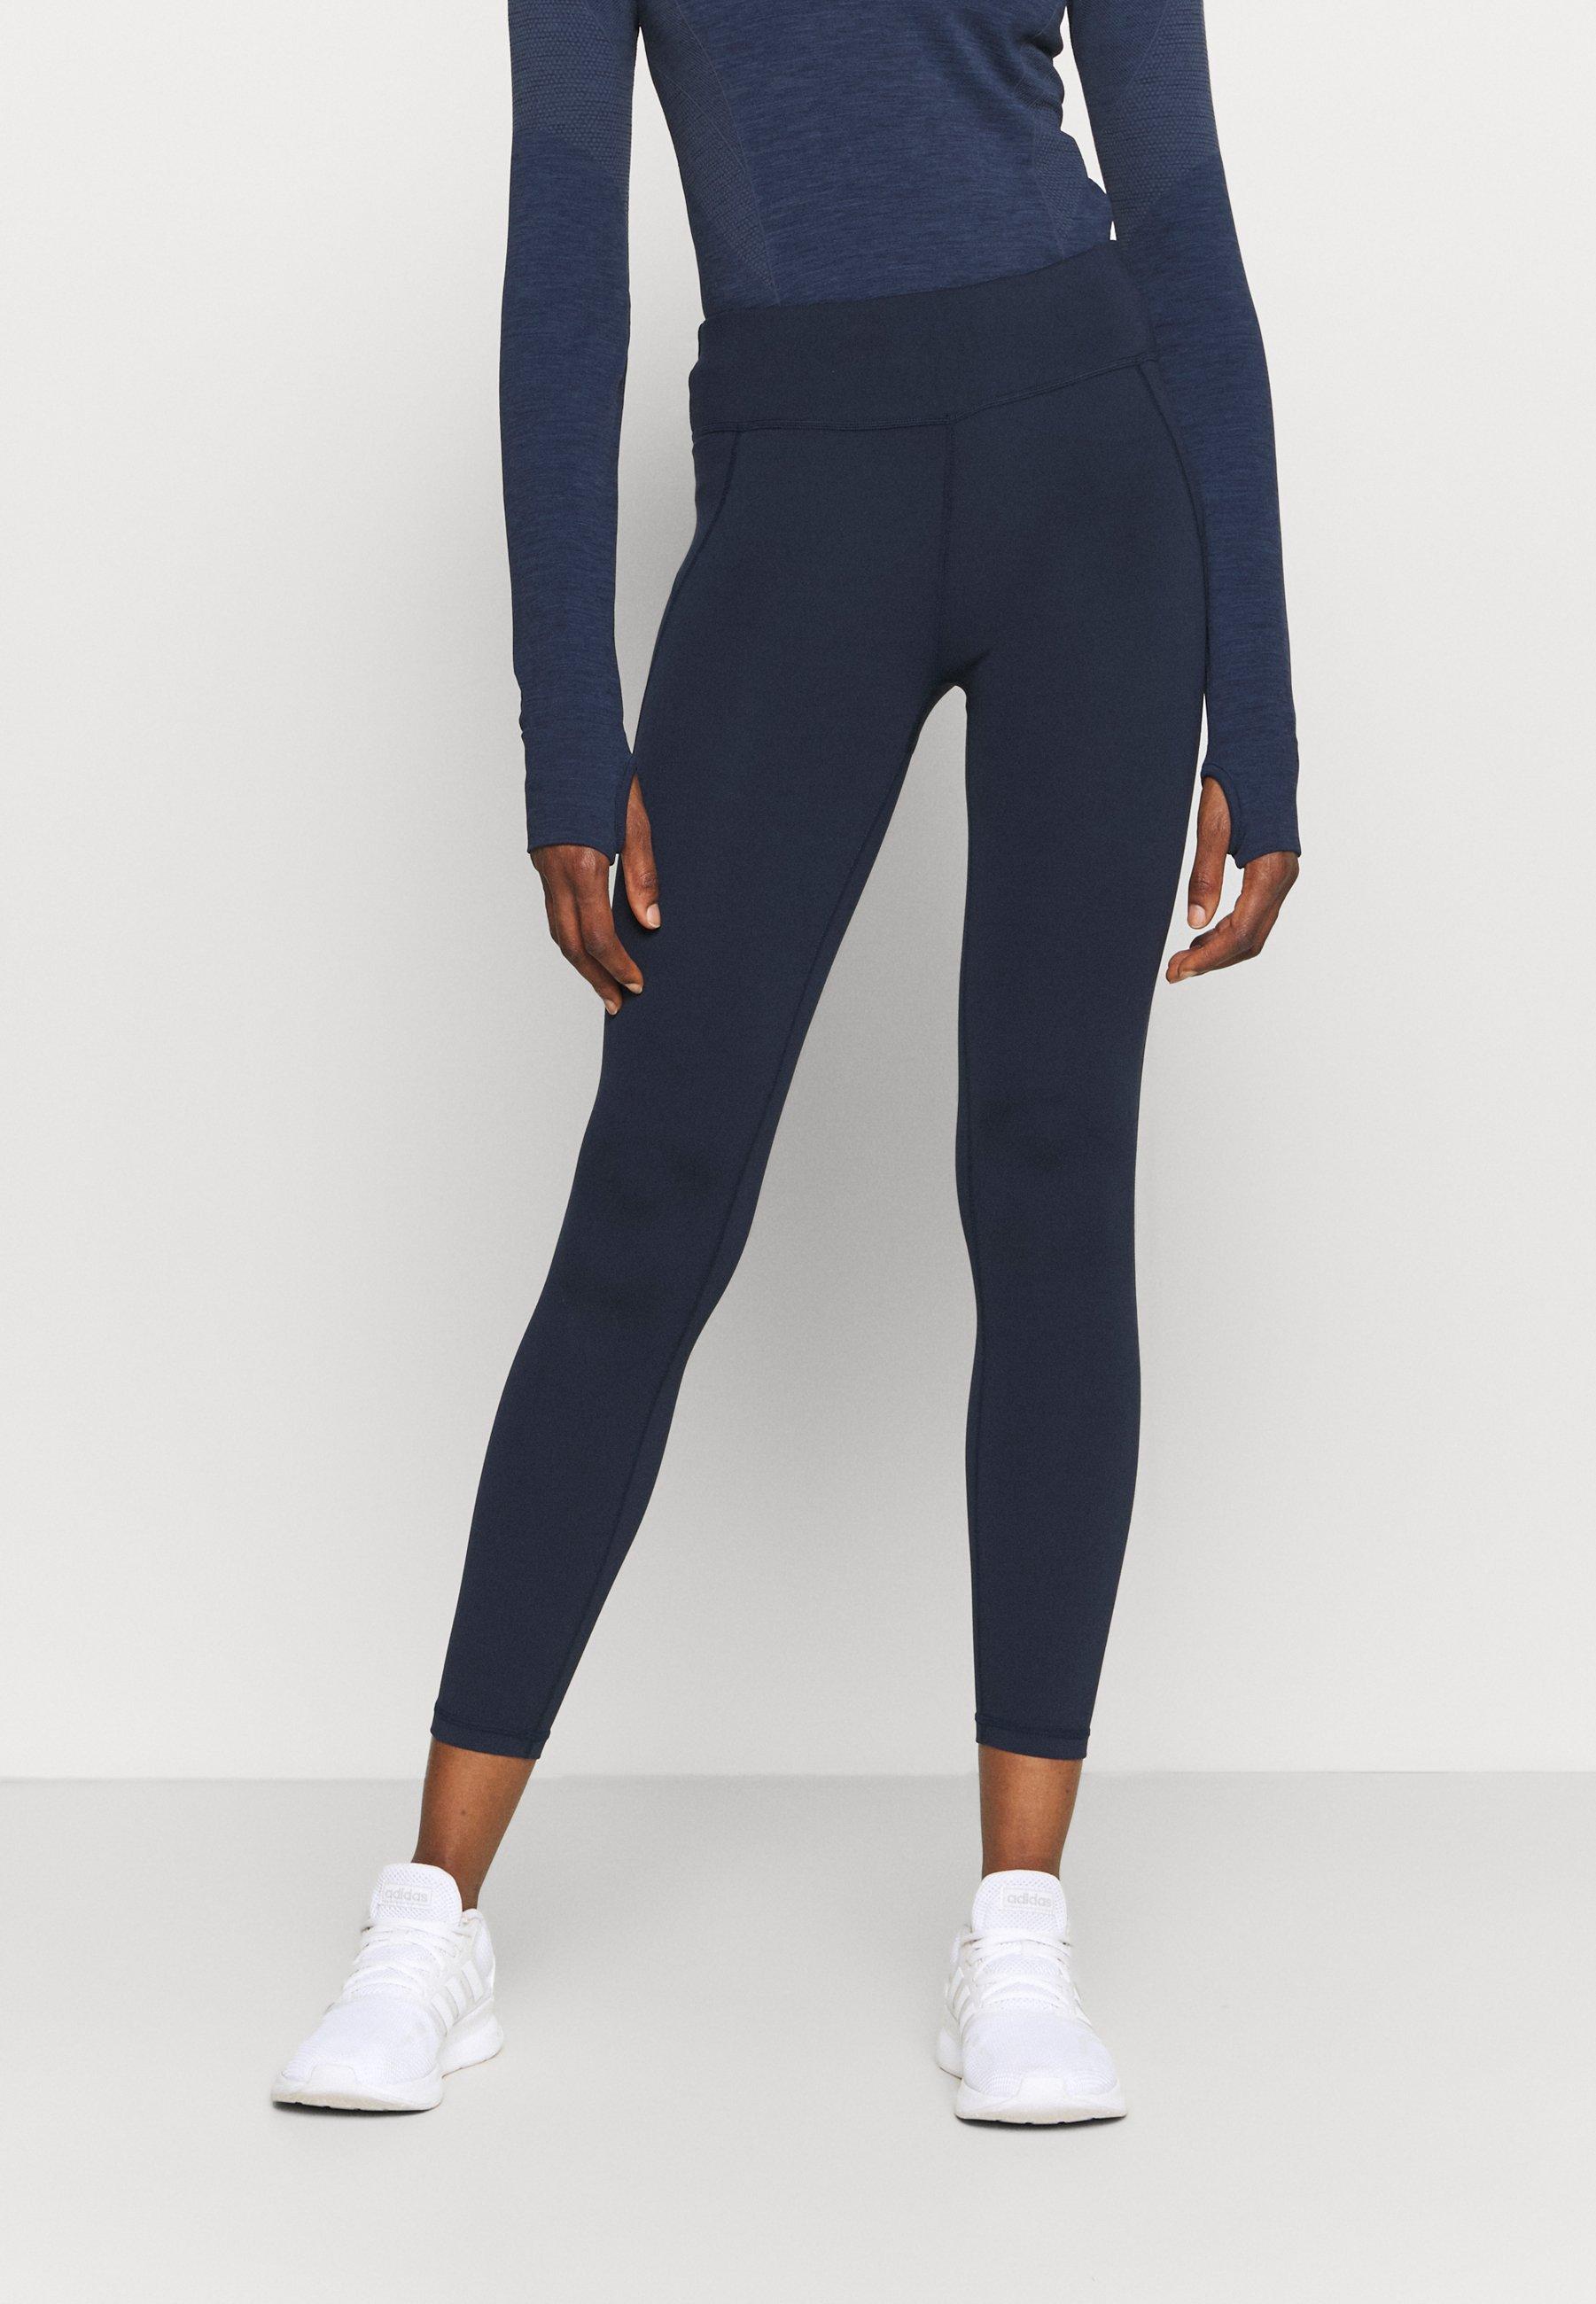 Femme ALL DAY 7/8 LEGGINGS - Collants